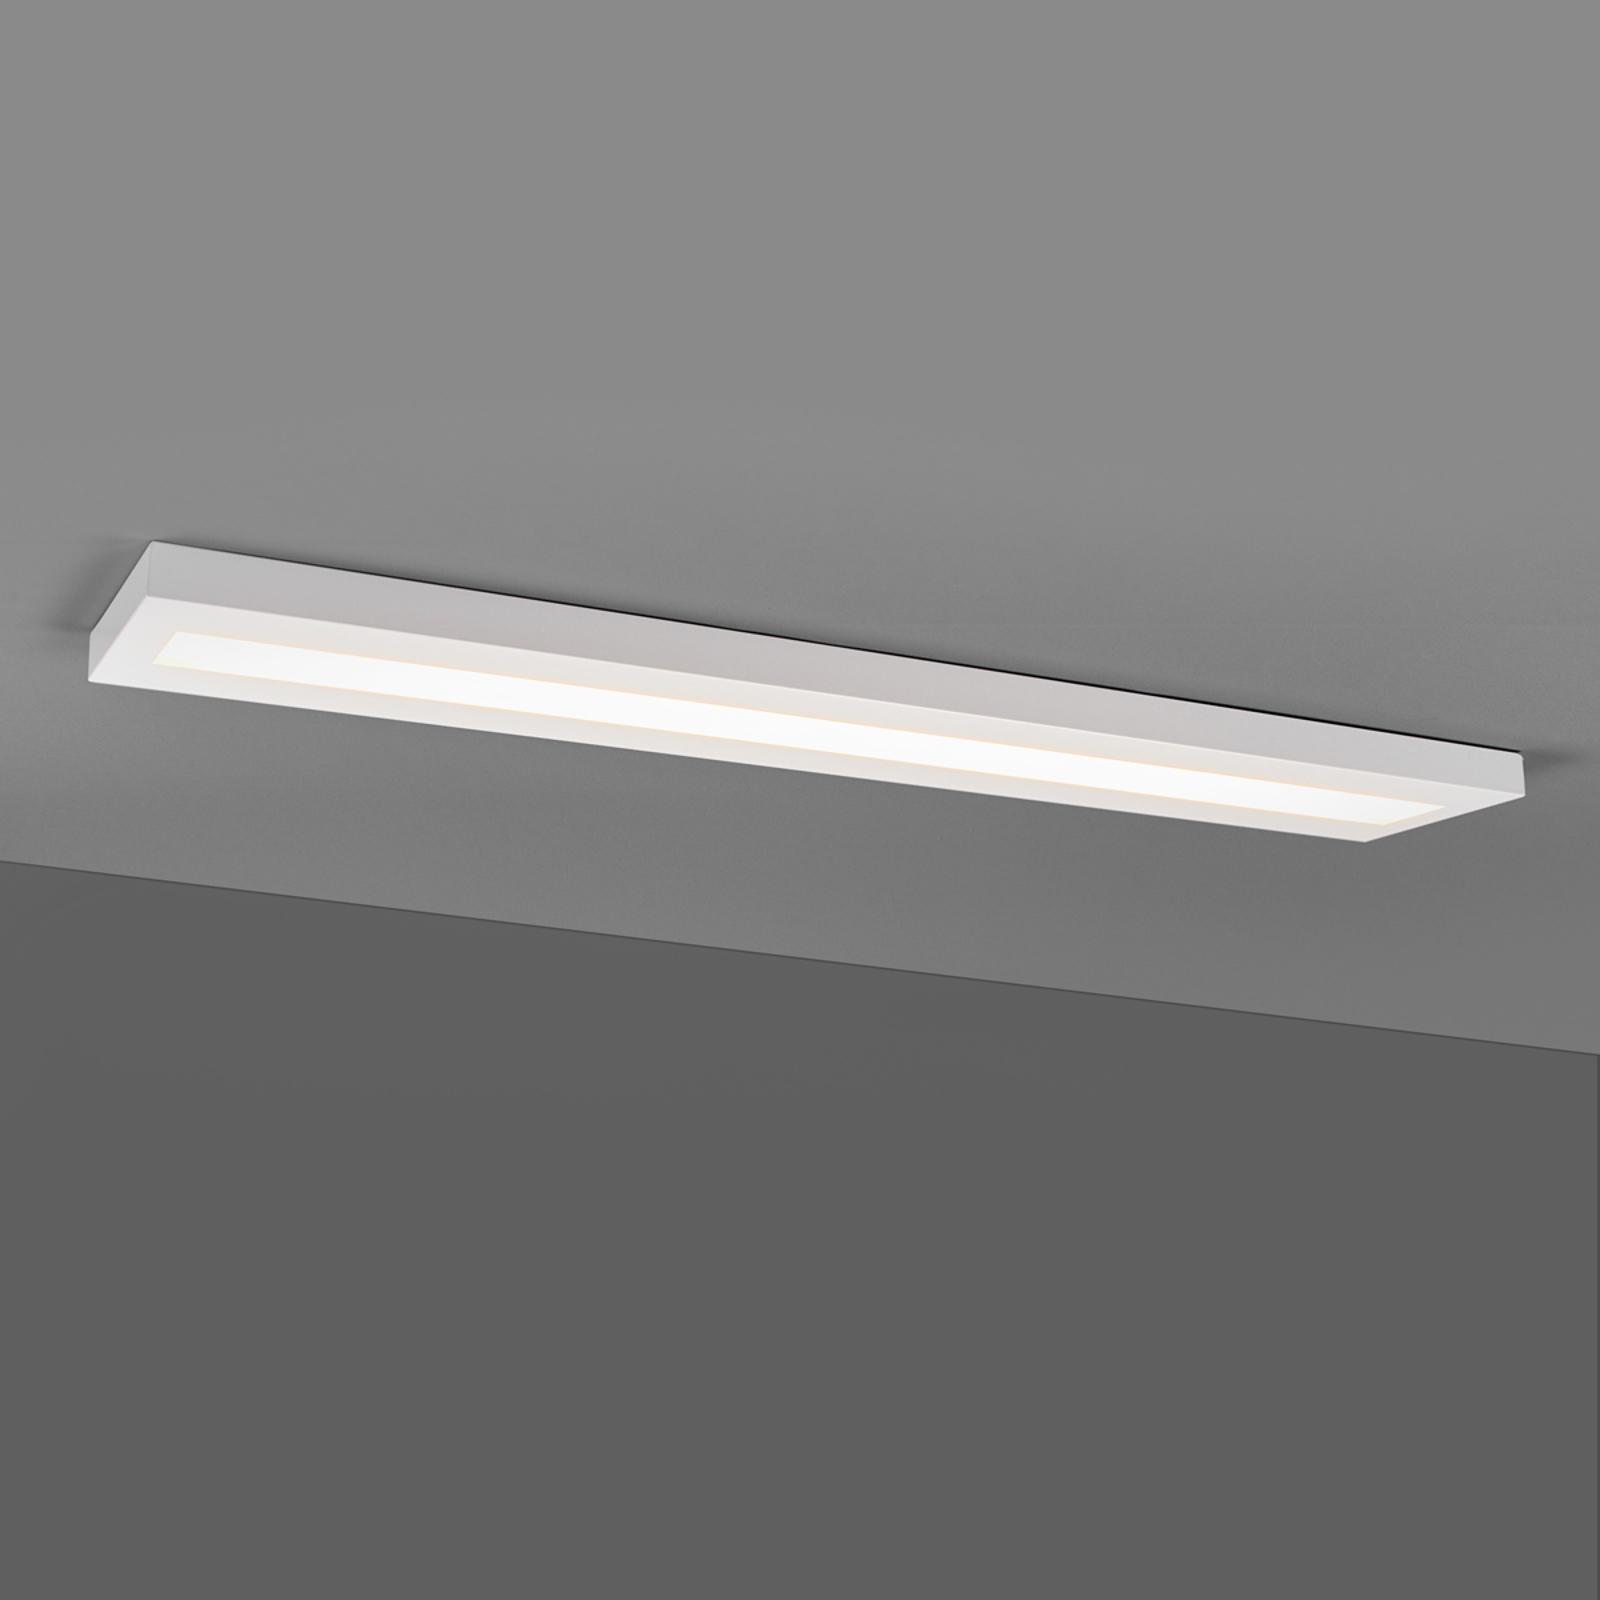 Podłużna lampa do nabudowania LED 33 W, biała, BAP